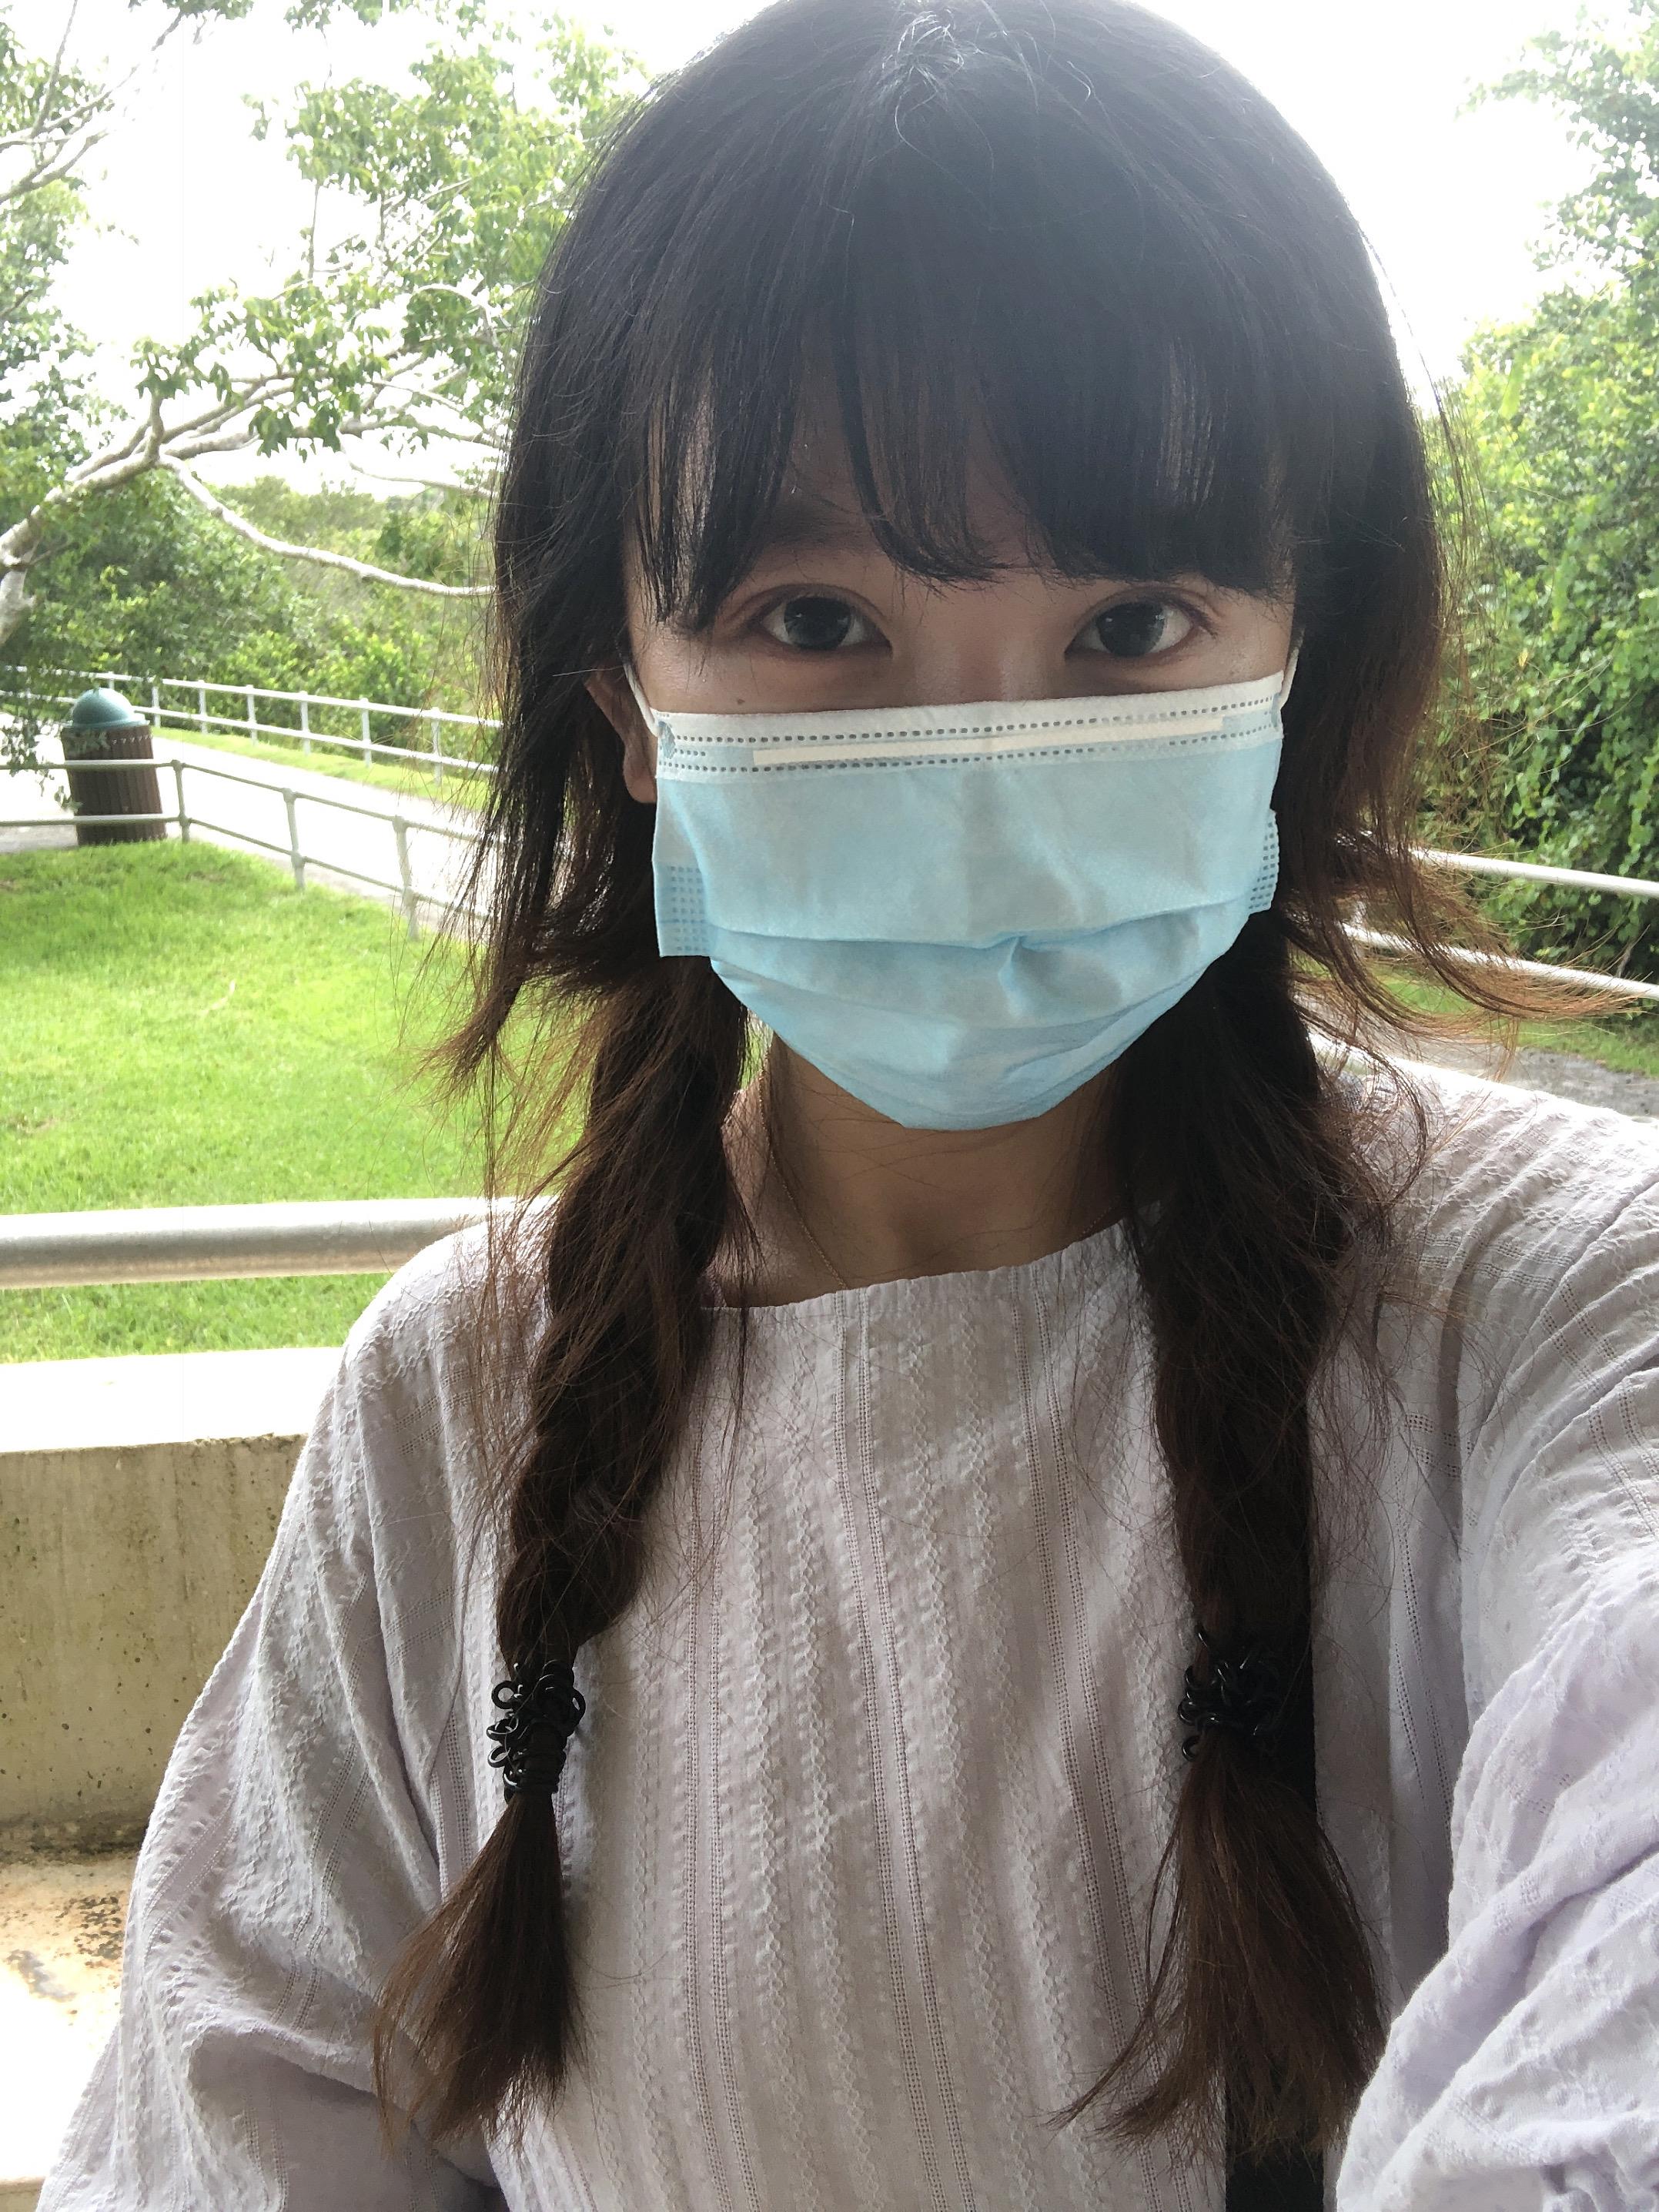 Yudi Zhang